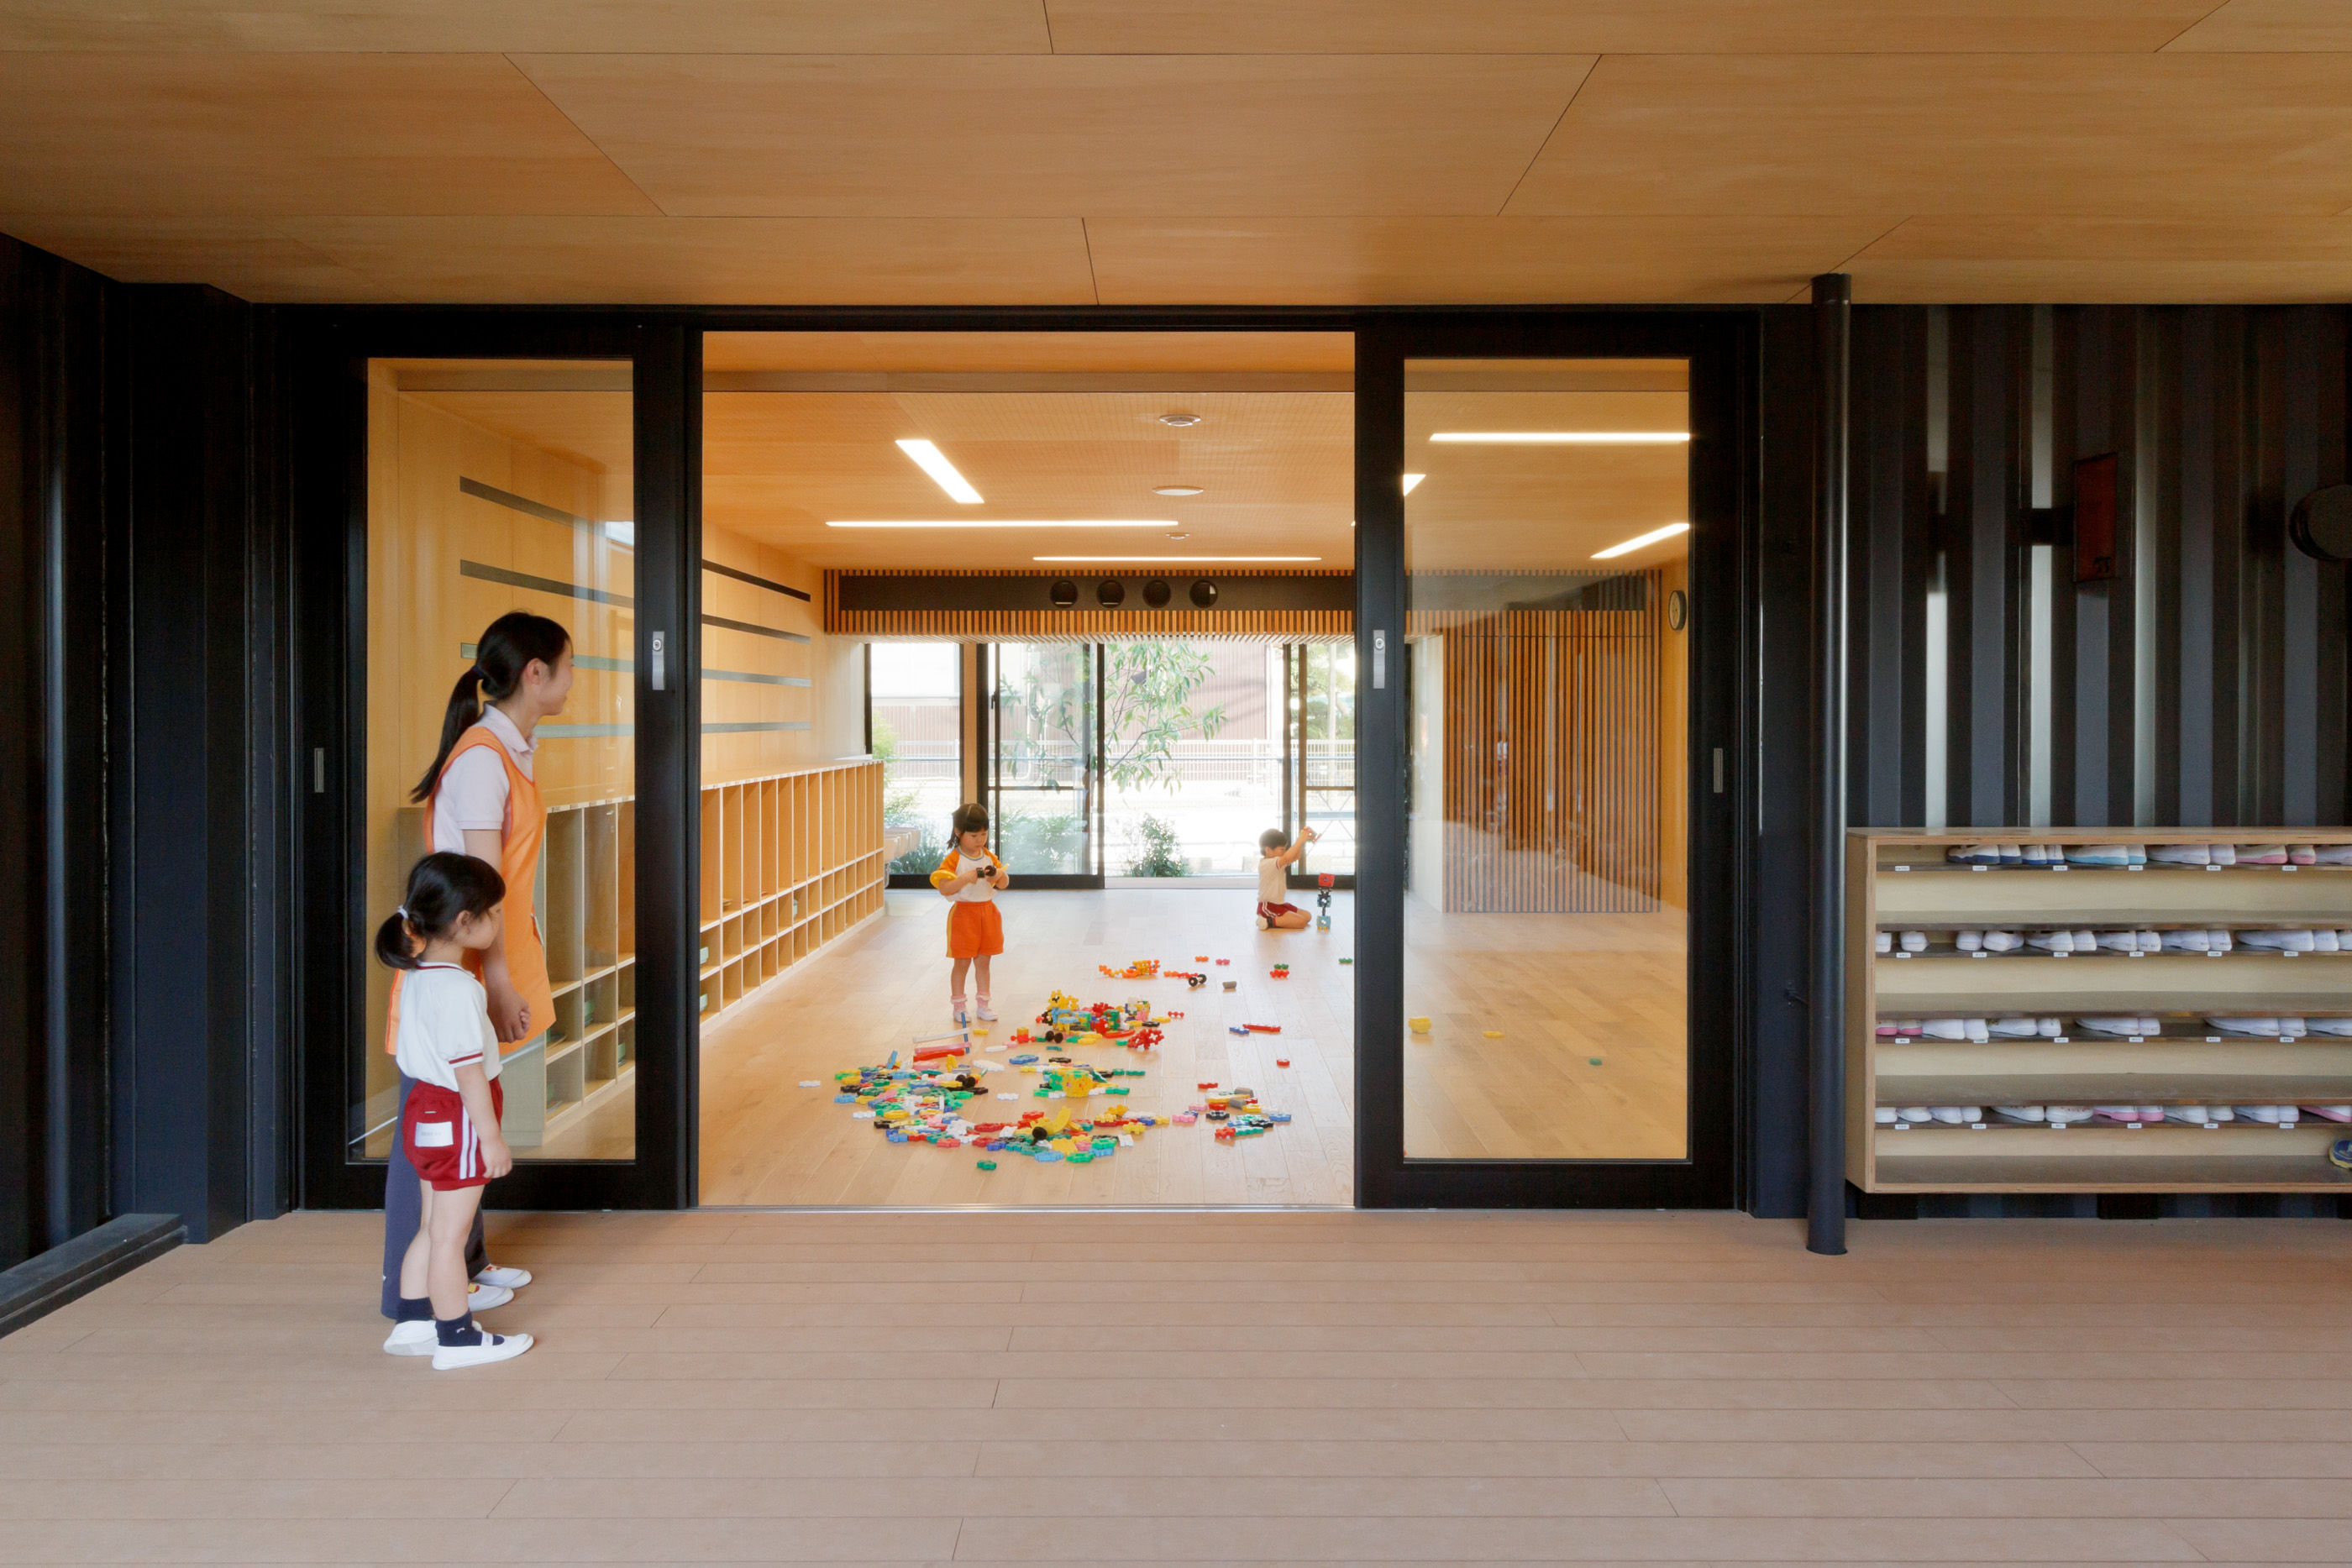 幼稚園のリフォームに「船舶コンテナ」が使われた理由。